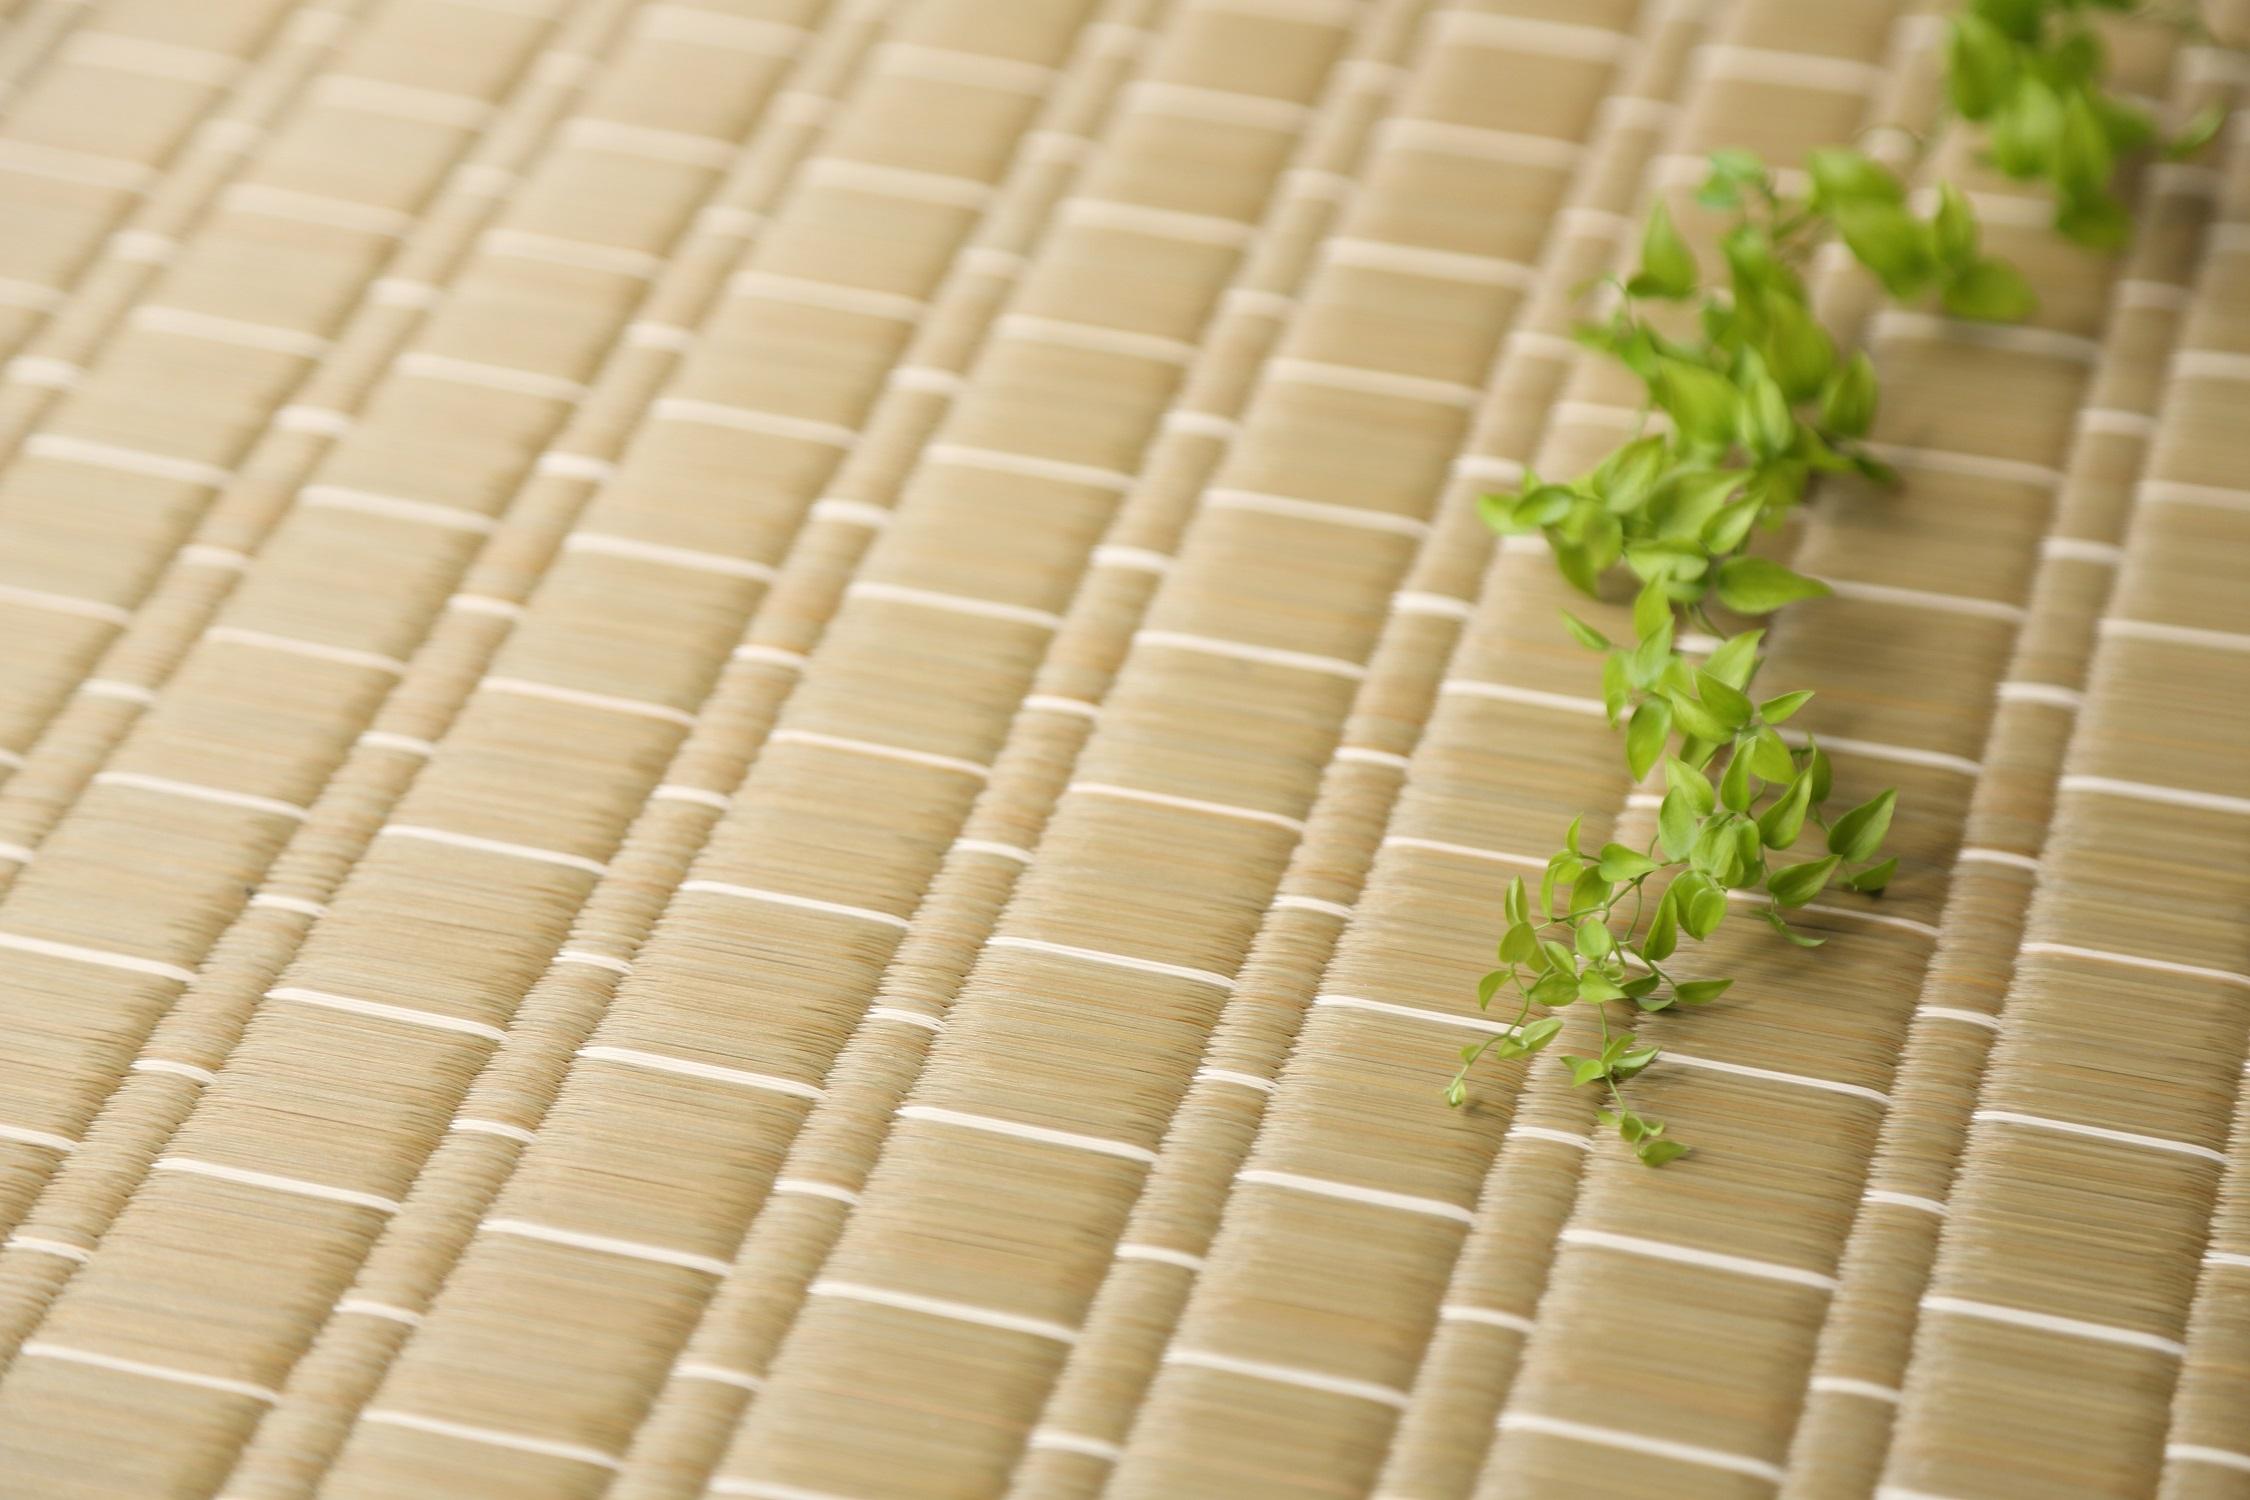 【畳や花ござの原材料】国産い草ができるまで